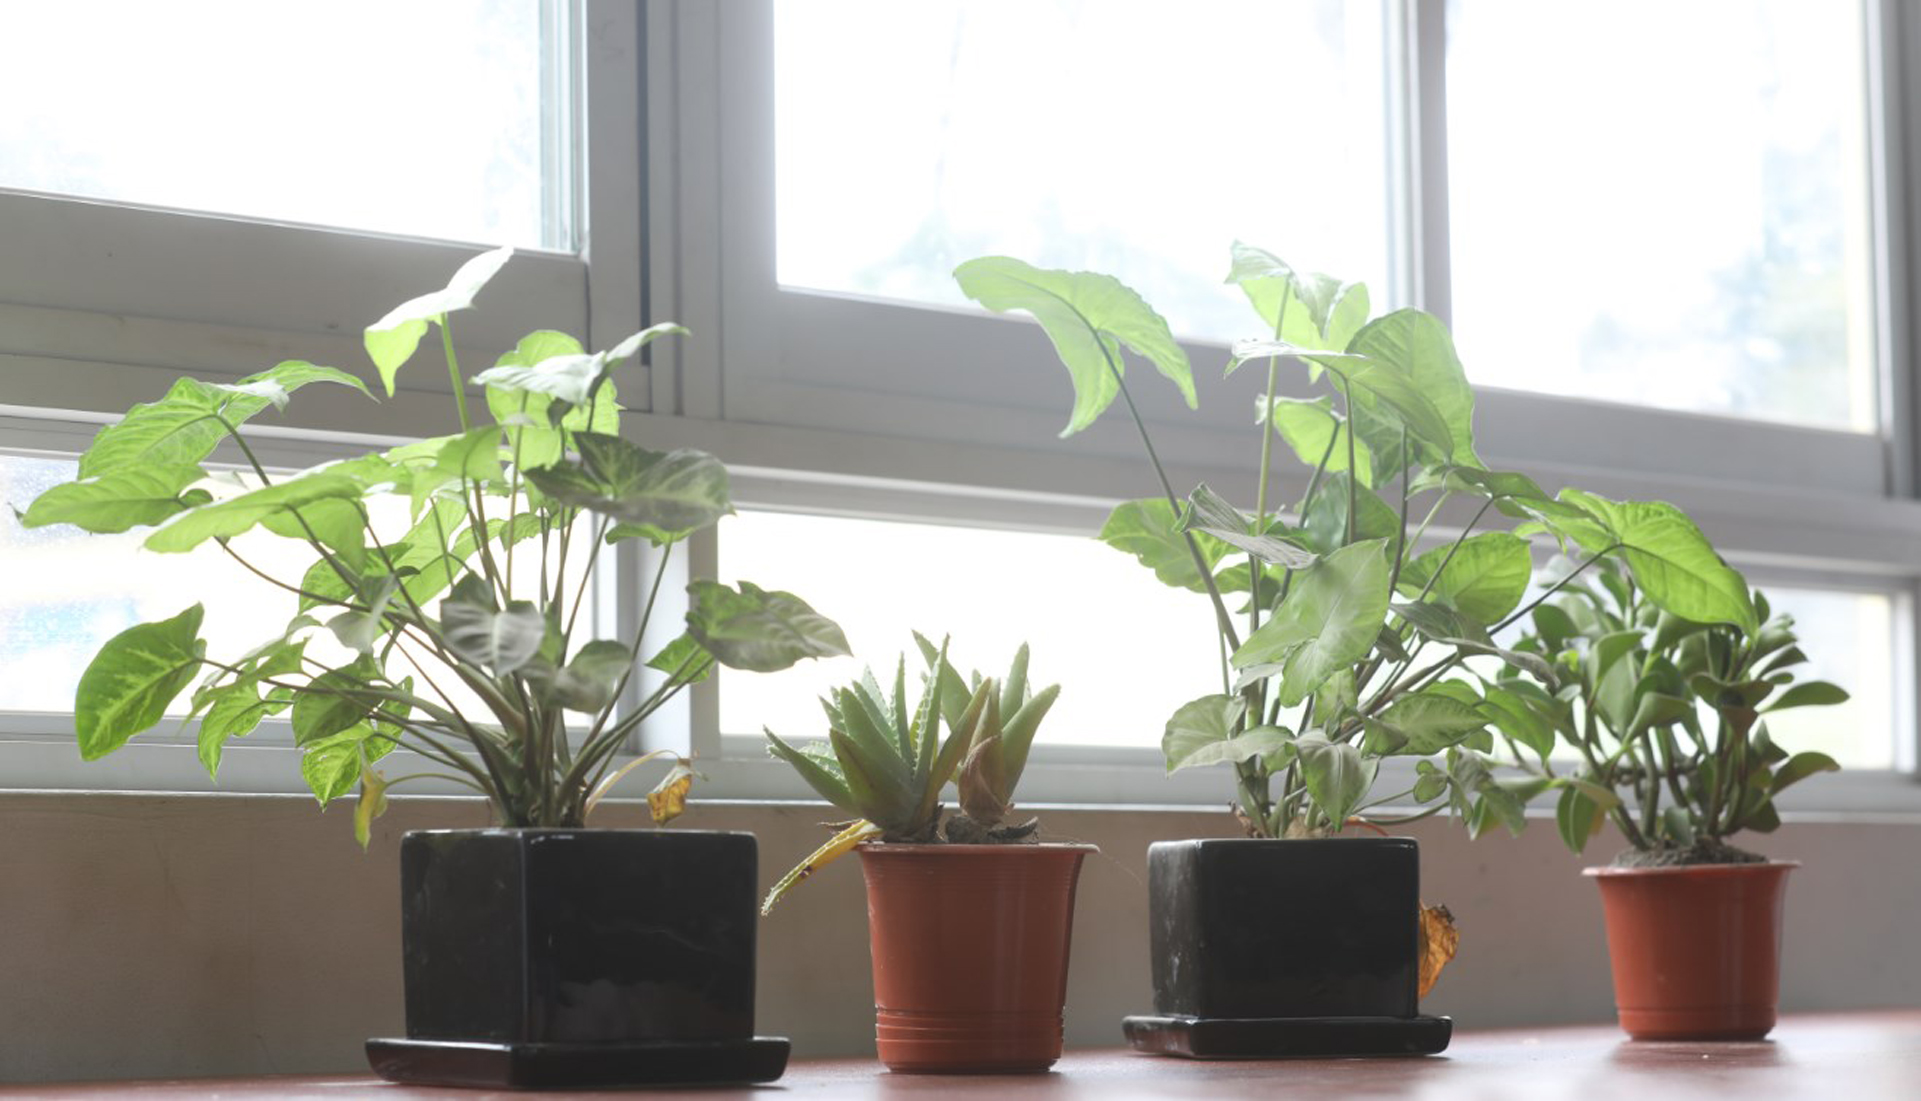 La luz natural es muy reconfortable para las plantas. (Foto: Serpar)